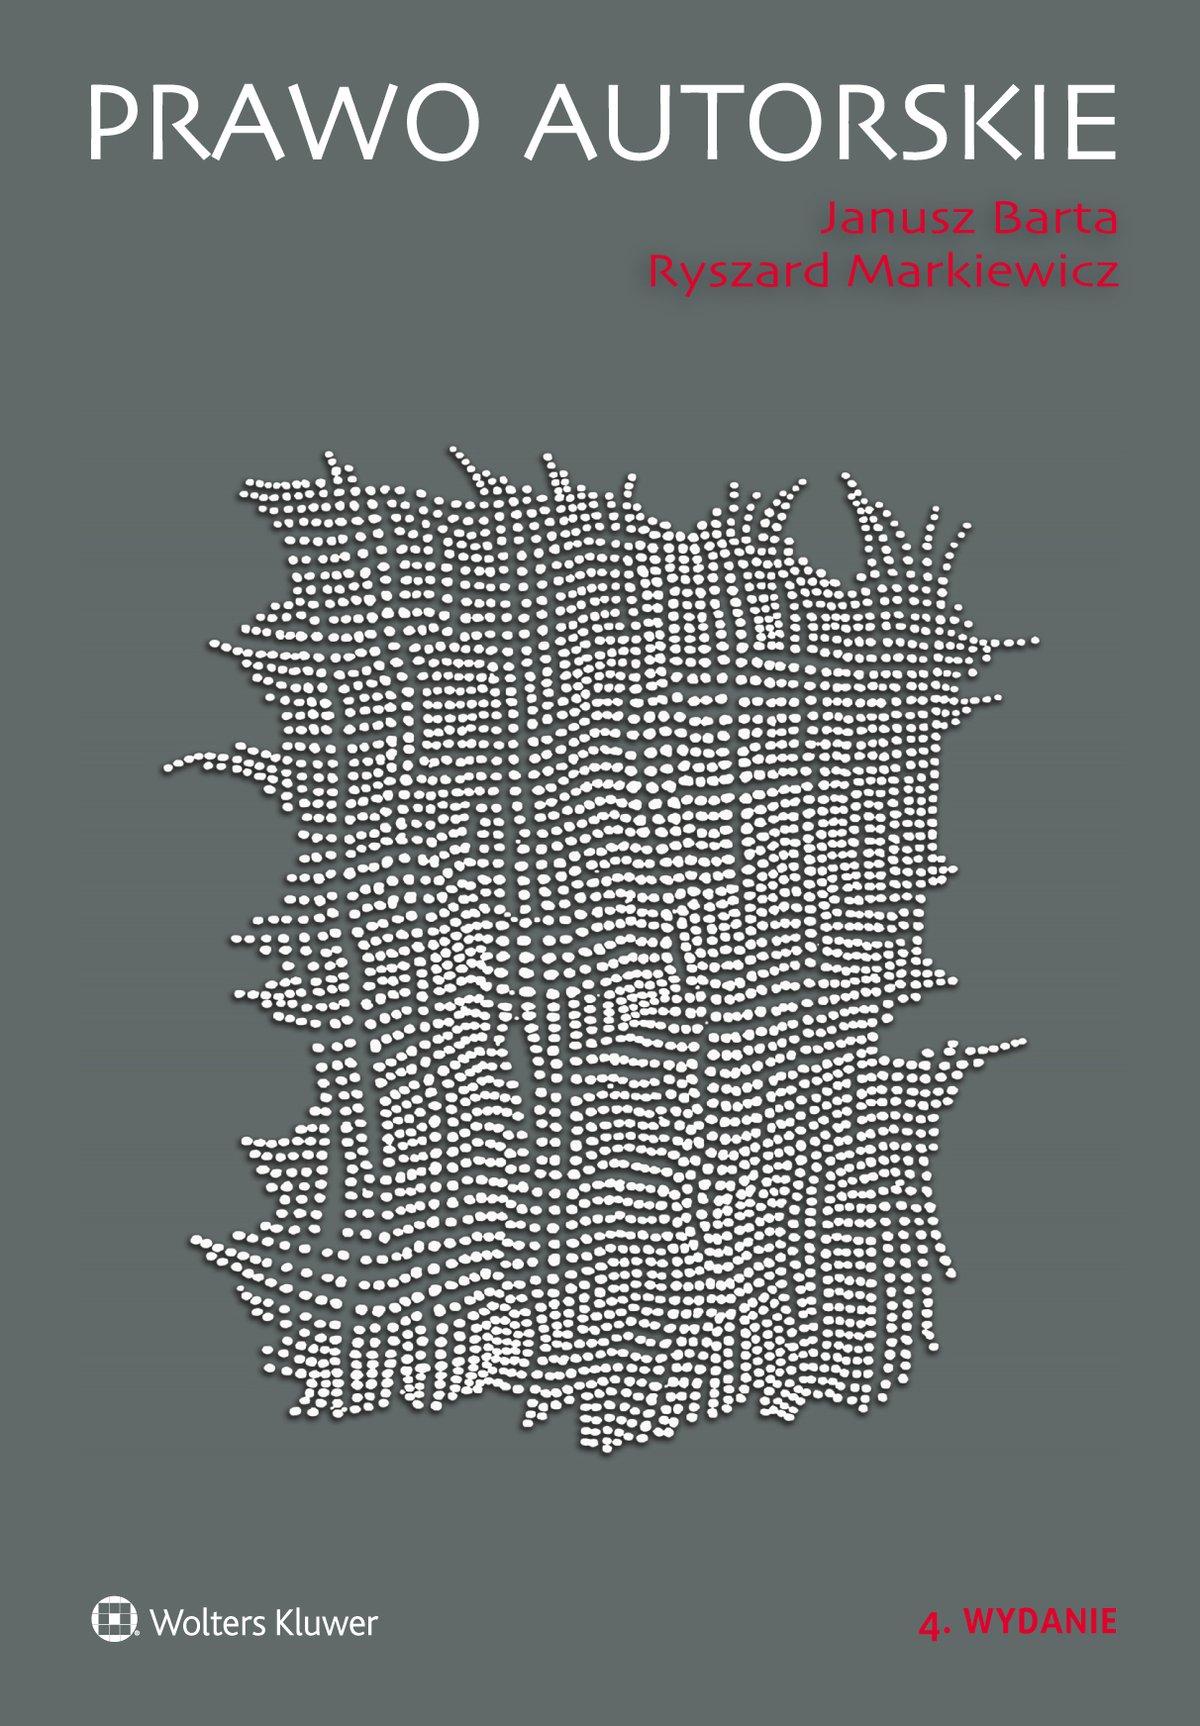 Prawo autorskie - Ebook (Książka PDF) do pobrania w formacie PDF